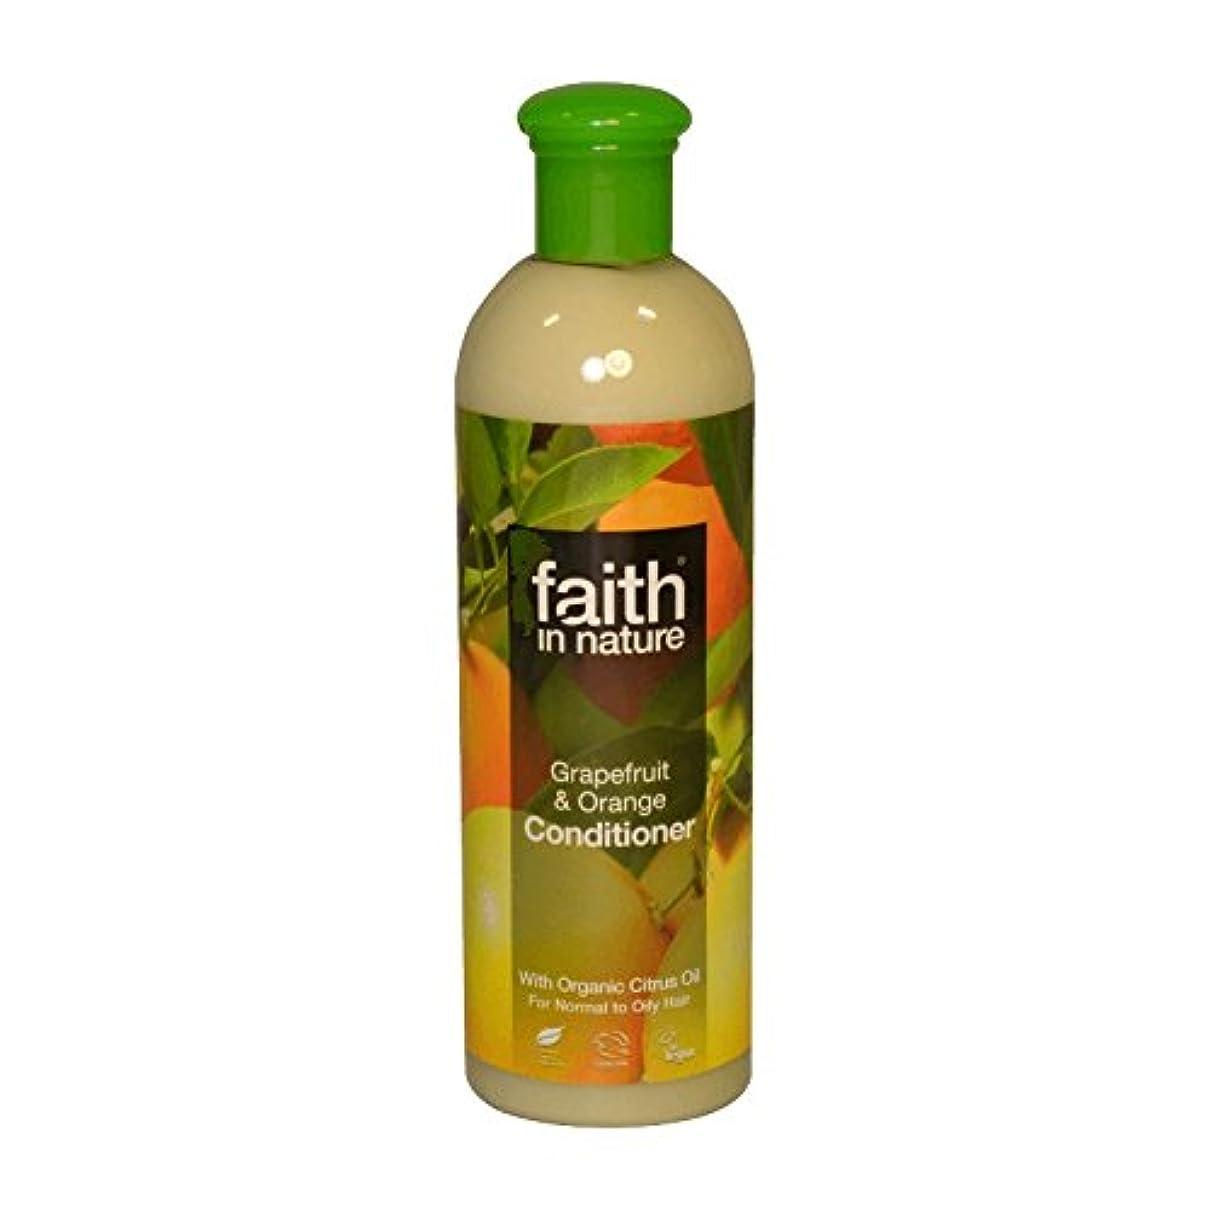 蛾まだ小人自然グレープフルーツ&オレンジコンディショナー400ミリリットルの信仰 - Faith in Nature Grapefruit & Orange Conditioner 400ml (Faith in Nature) [並行輸入品]